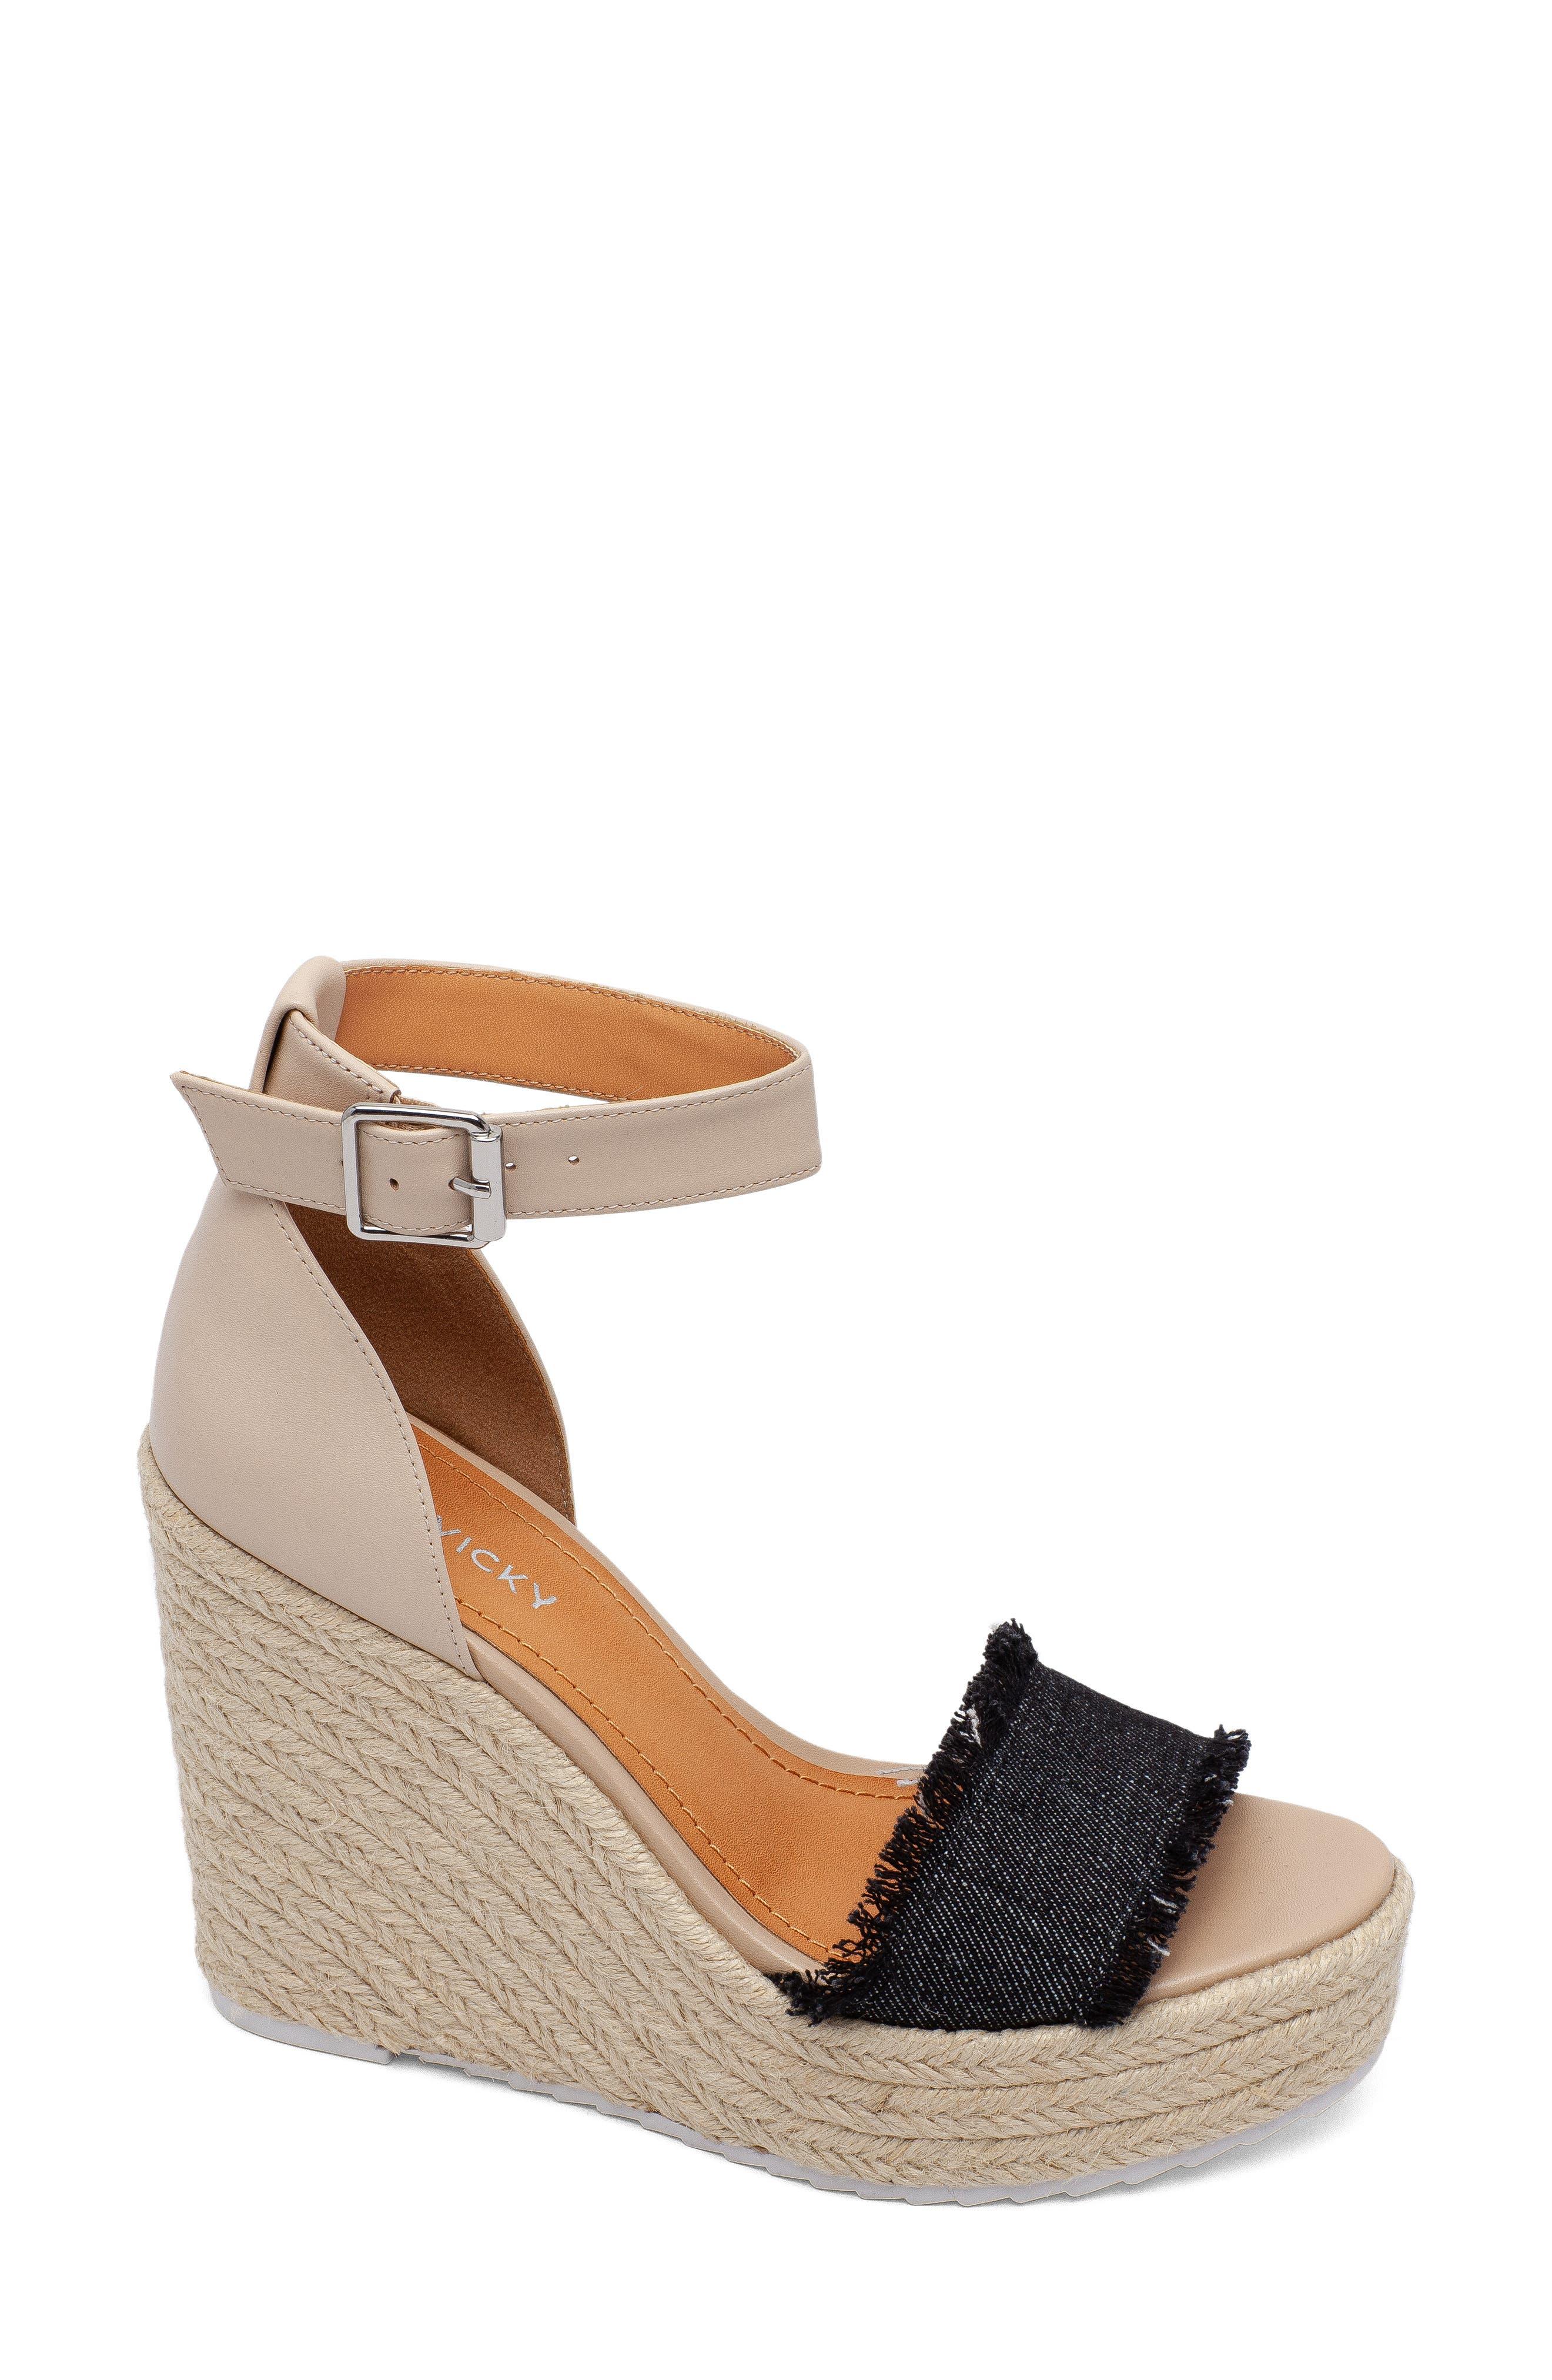 Graceful Platform Wedge Sandal